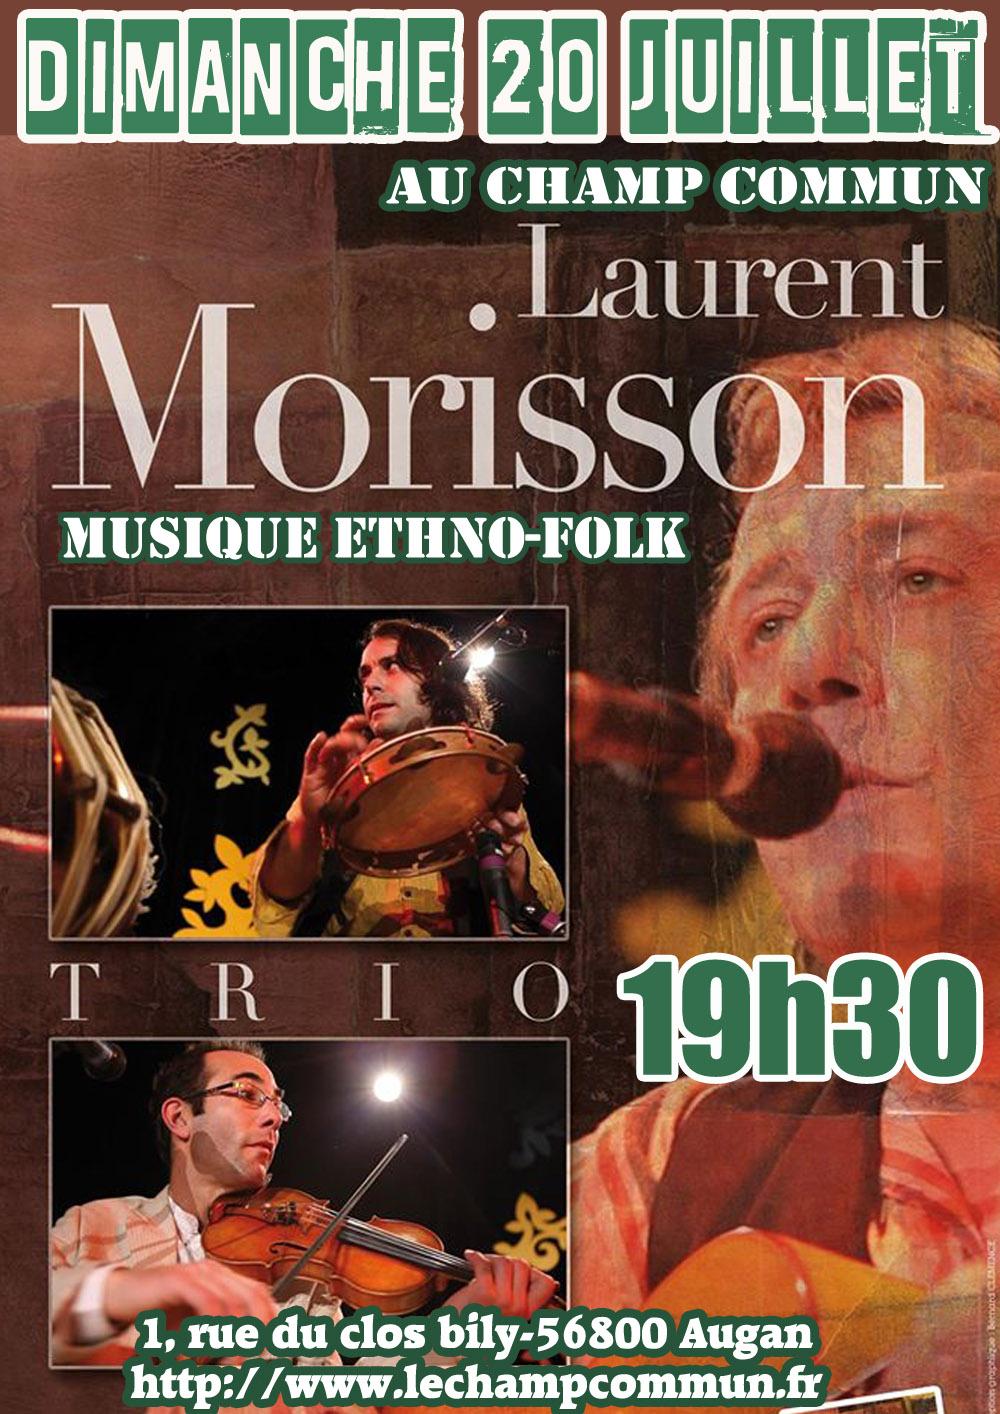 Dimanche 20 juillet à 19h30 au Champ Commun- Musiques du monde avec Laurent Morisson